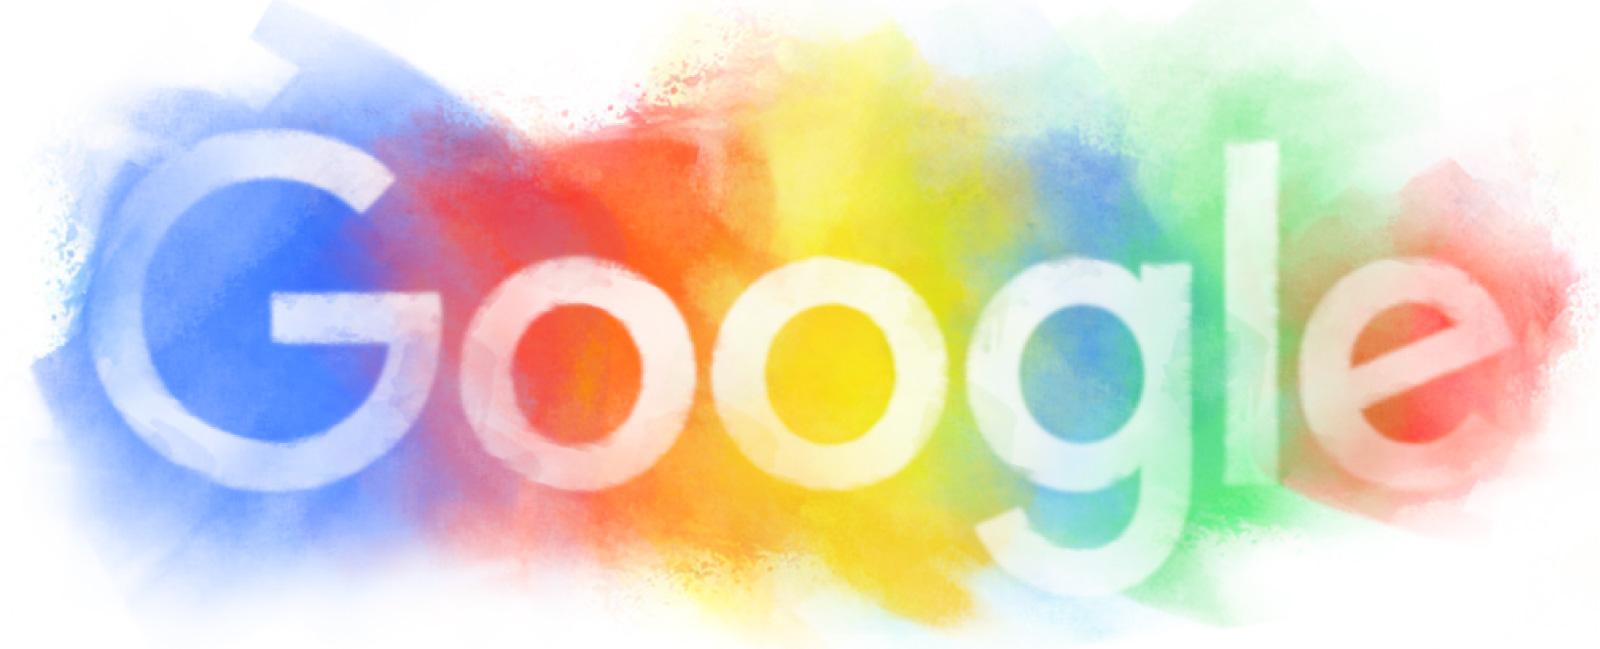 Il consiglio prima degli acquisti online degli italiani: Google